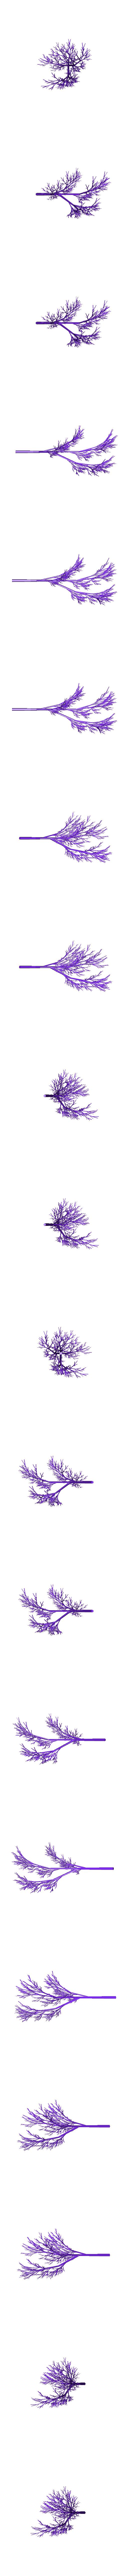 Completely_Random_Tree_44.stl Télécharger fichier STL gratuit Arbre complètement aléatoire • Objet pour impression 3D, Numbmond